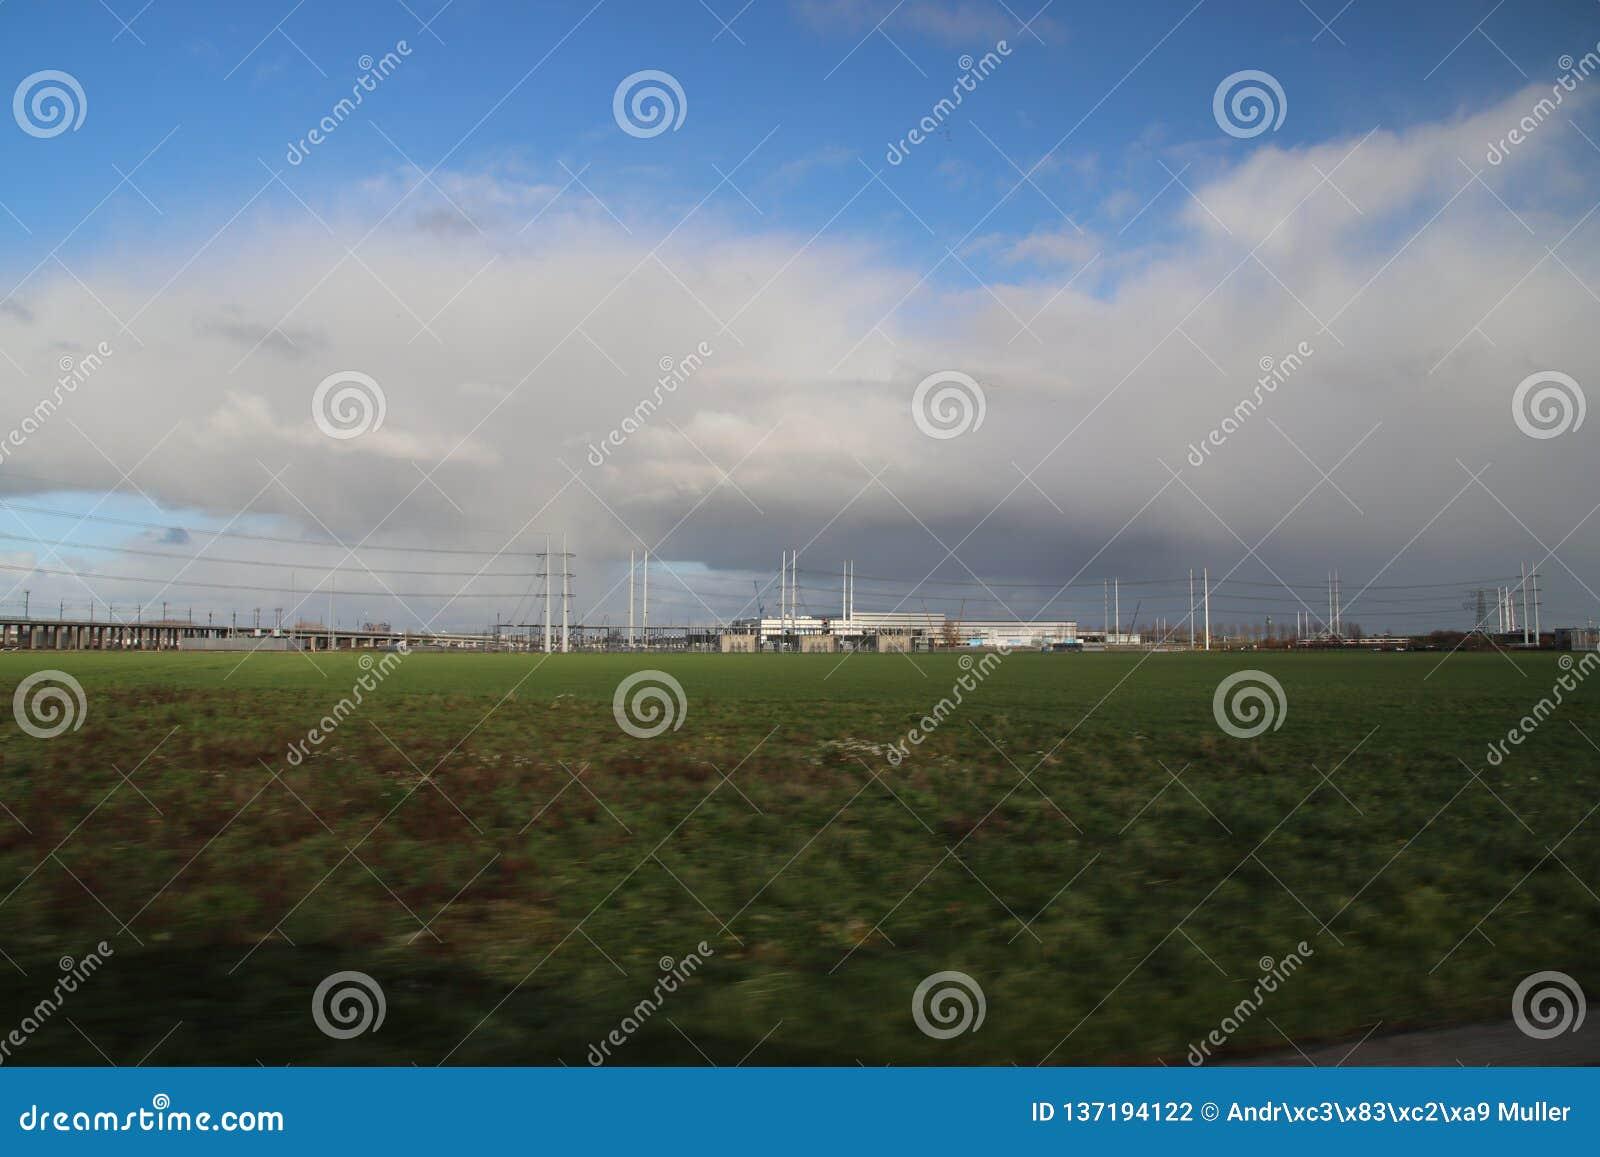 De installatie van de machtsdistributie voor hoogspanningsvervoer van elektriciteit in Bleiswijk, Nederland